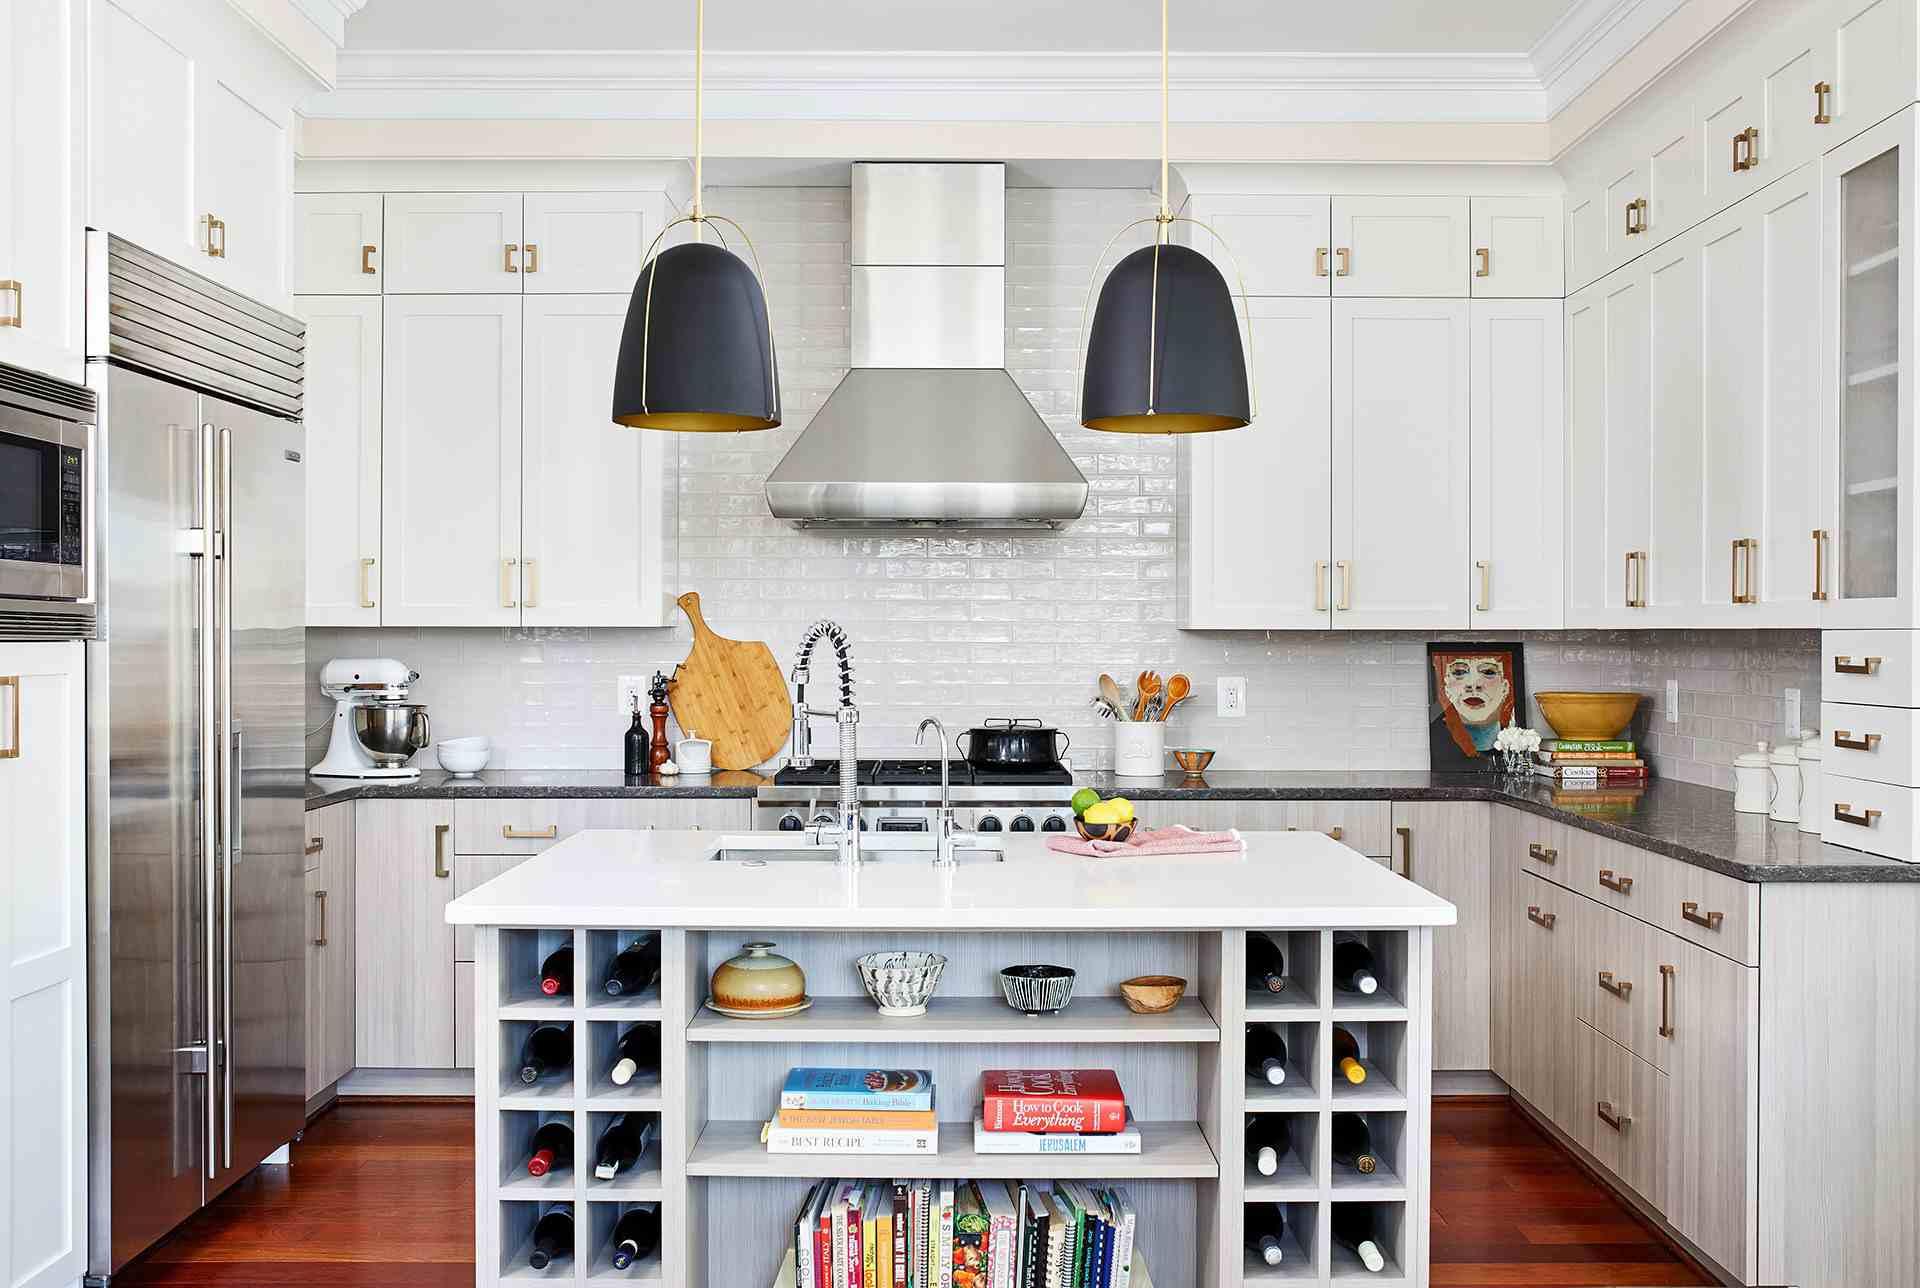 Quartz and Granite countertop in white kitchen